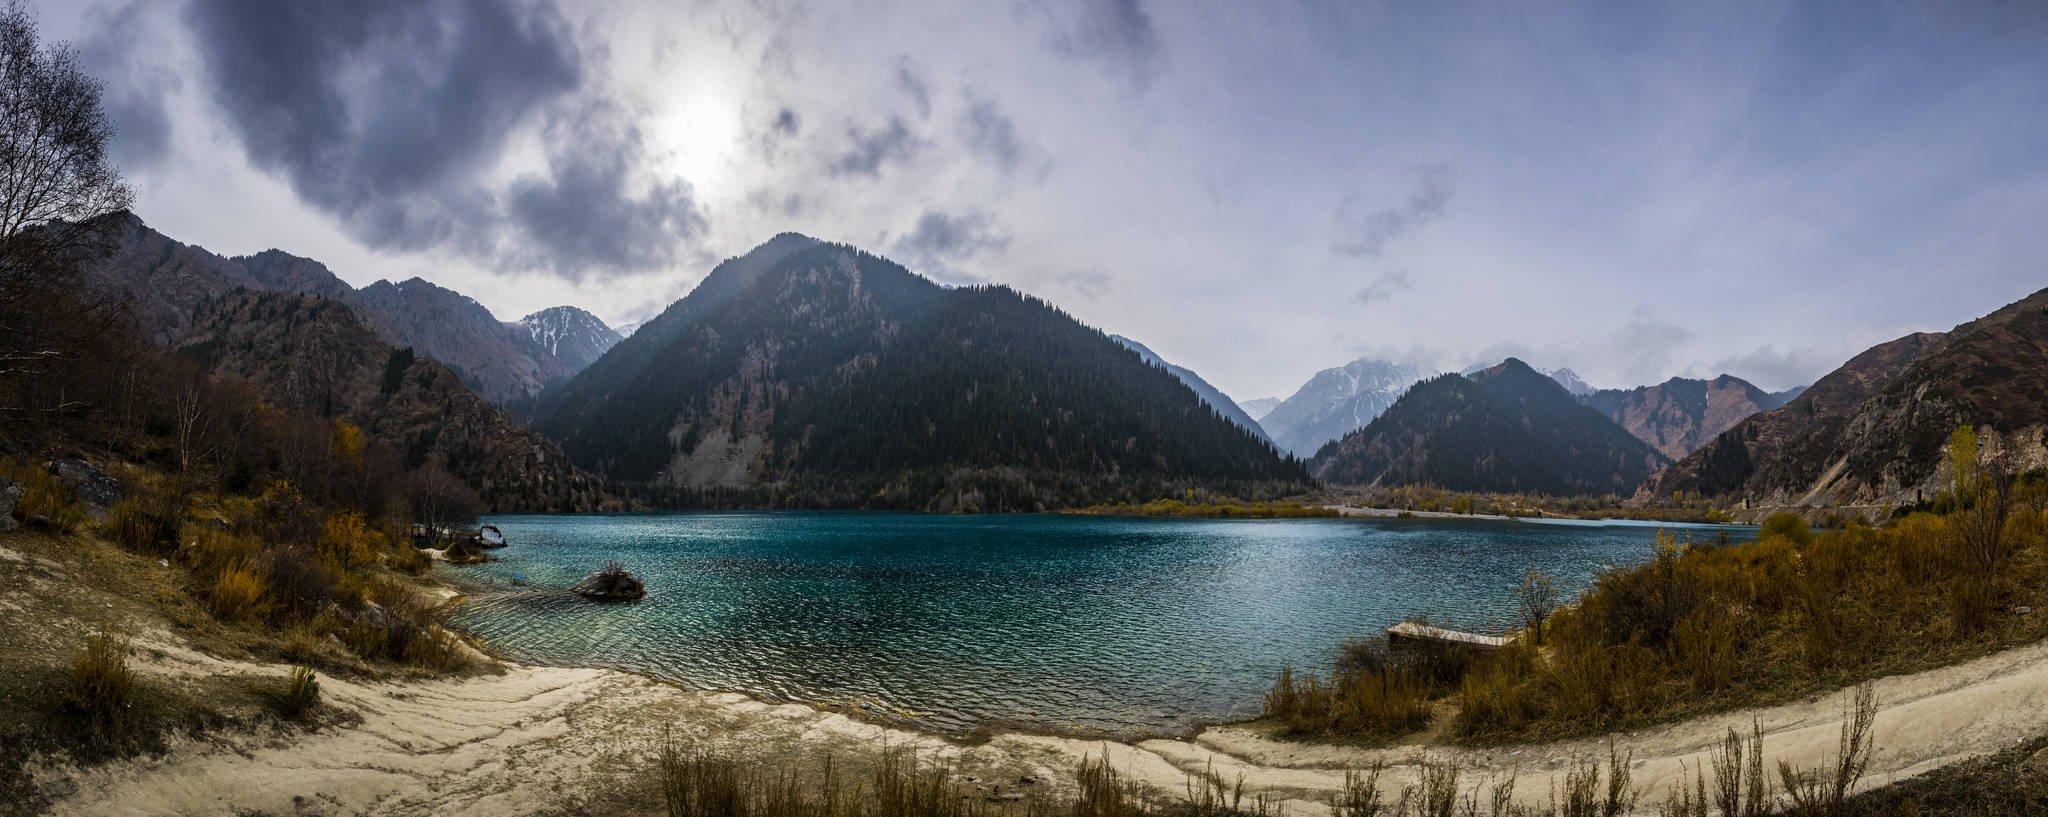 Putovanje Kazahstan - Putevima neistraženih prostranstava (8)